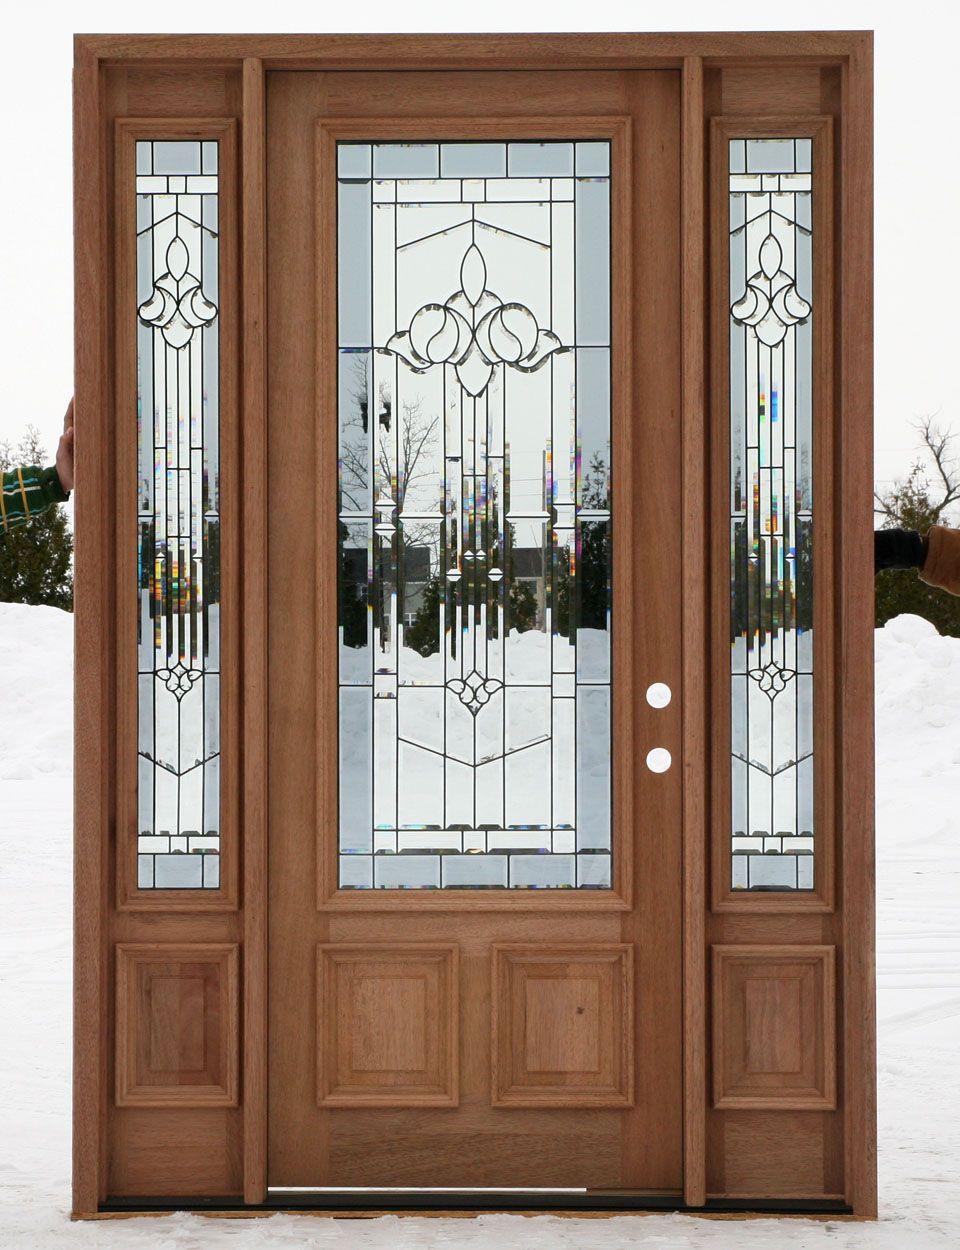 exterior doors | exterior discount doors b 250 mystic new pre hung ...